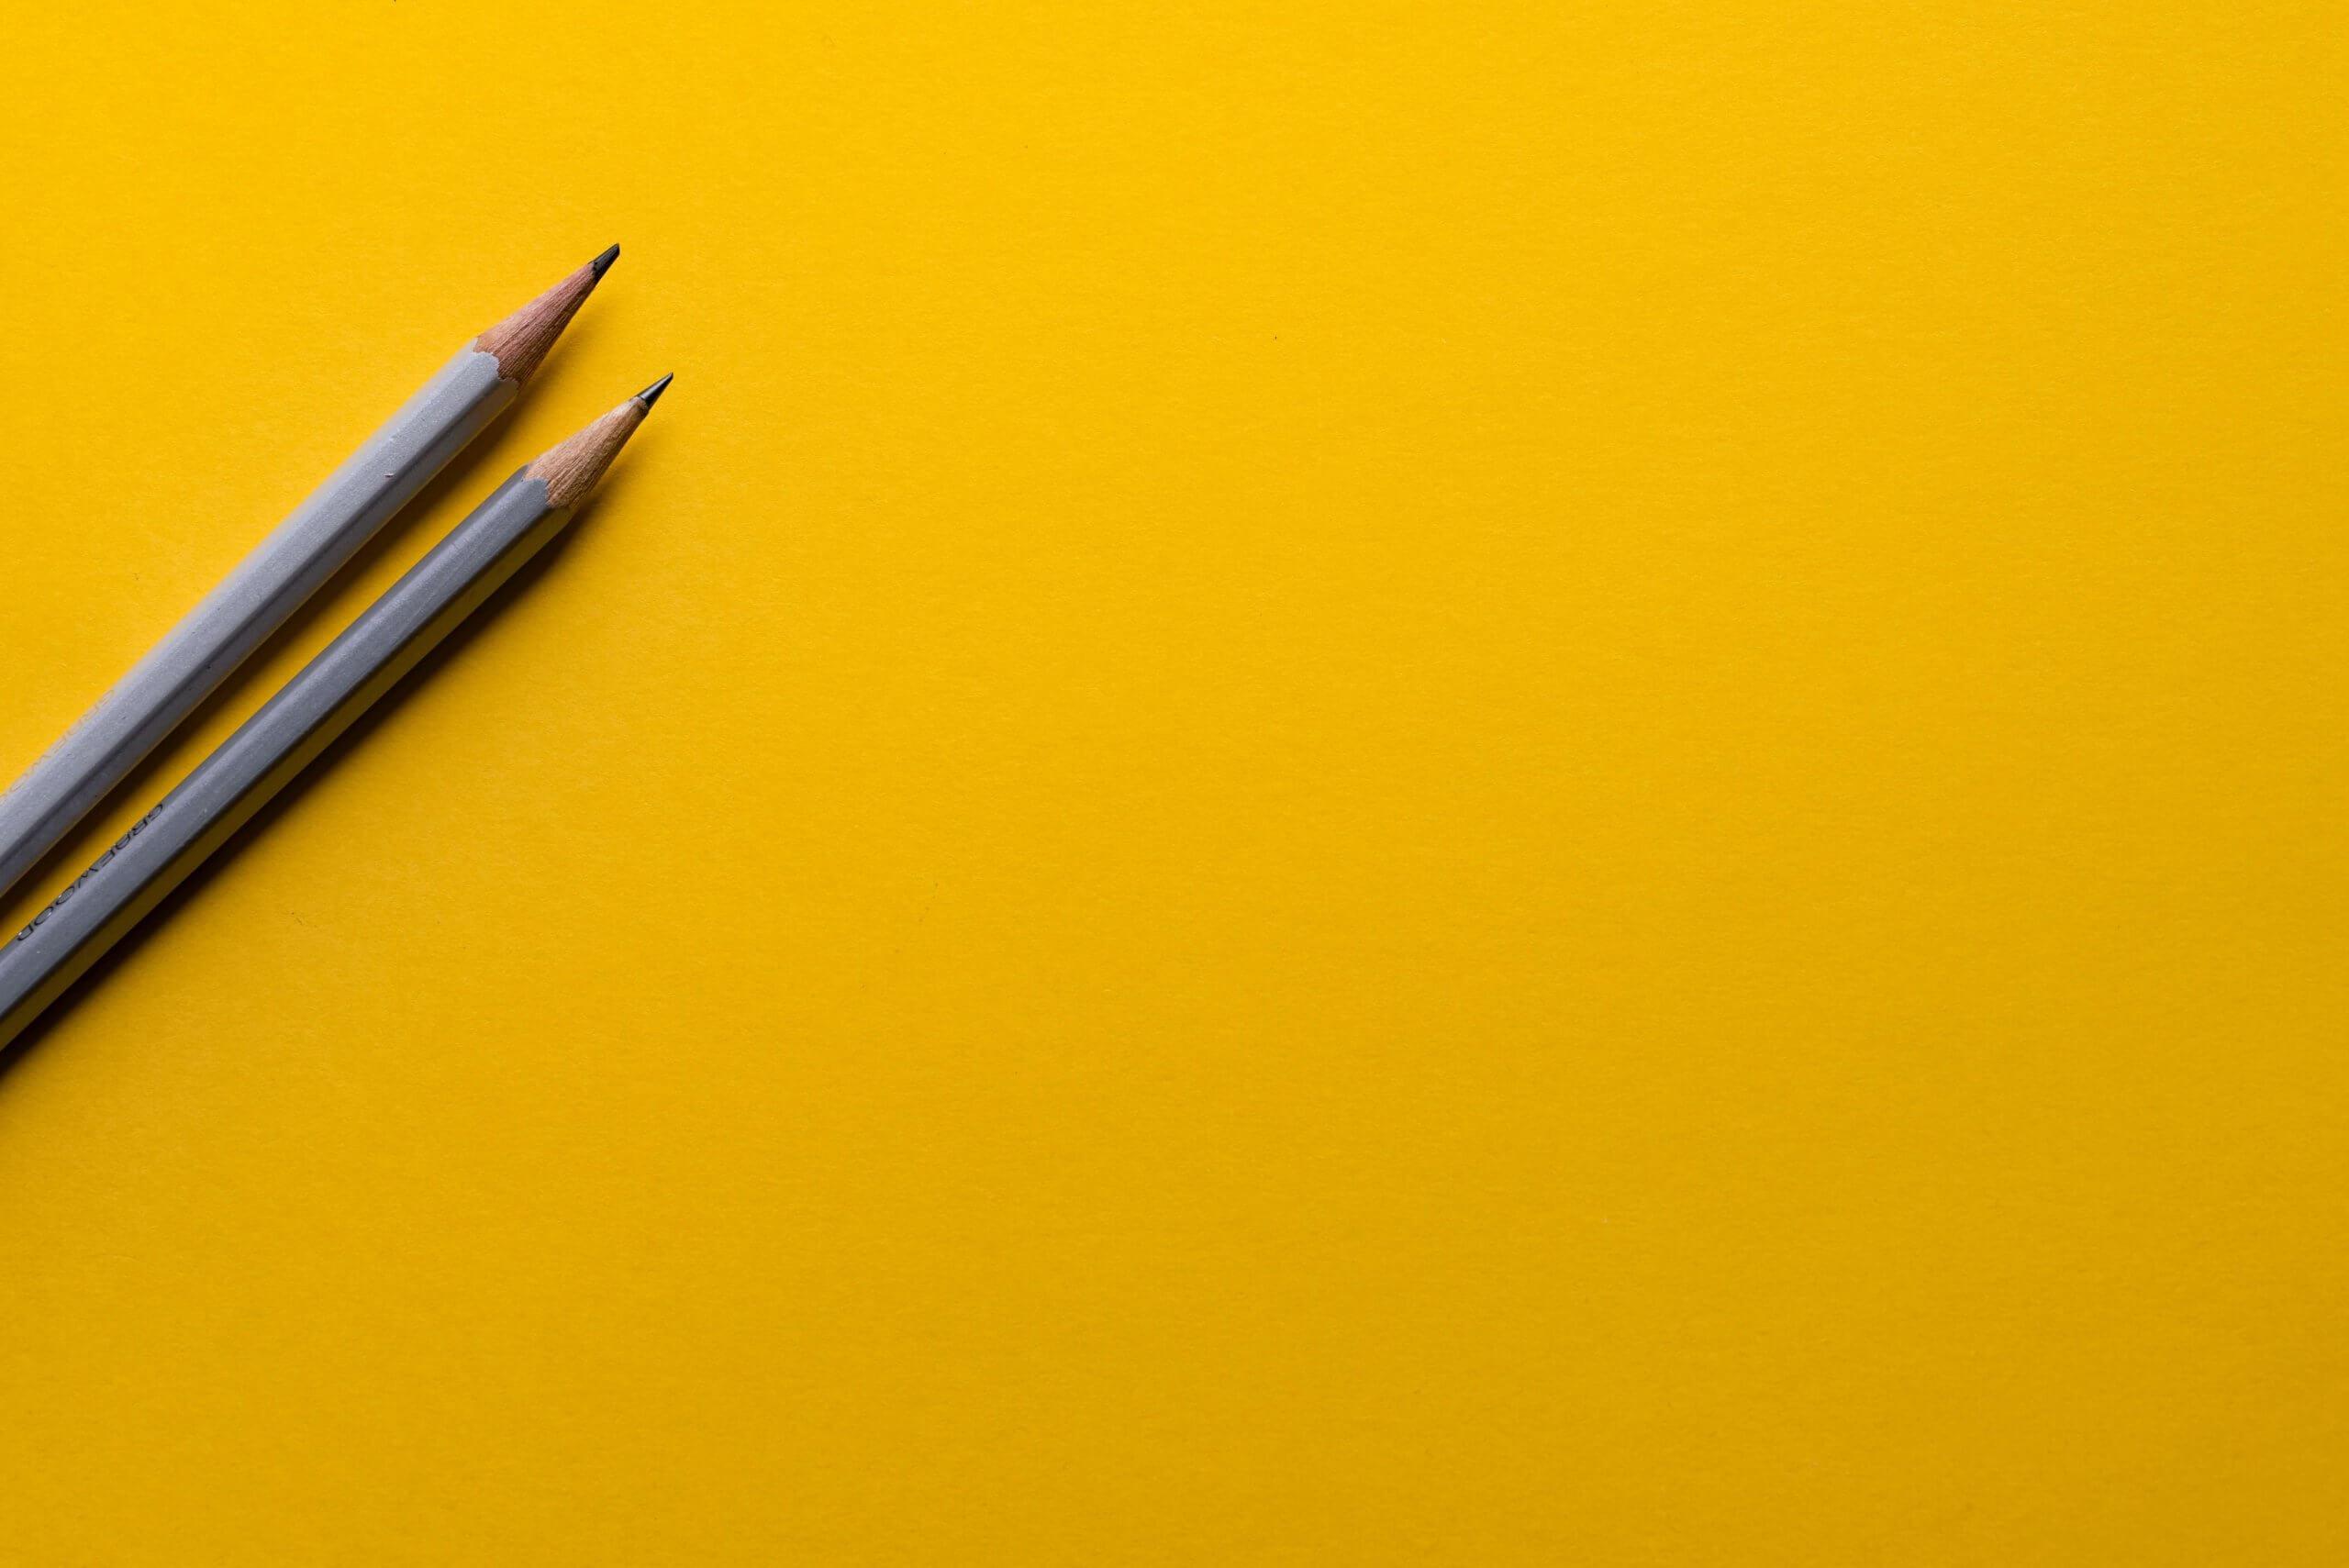 Geel vlak met twee potloden